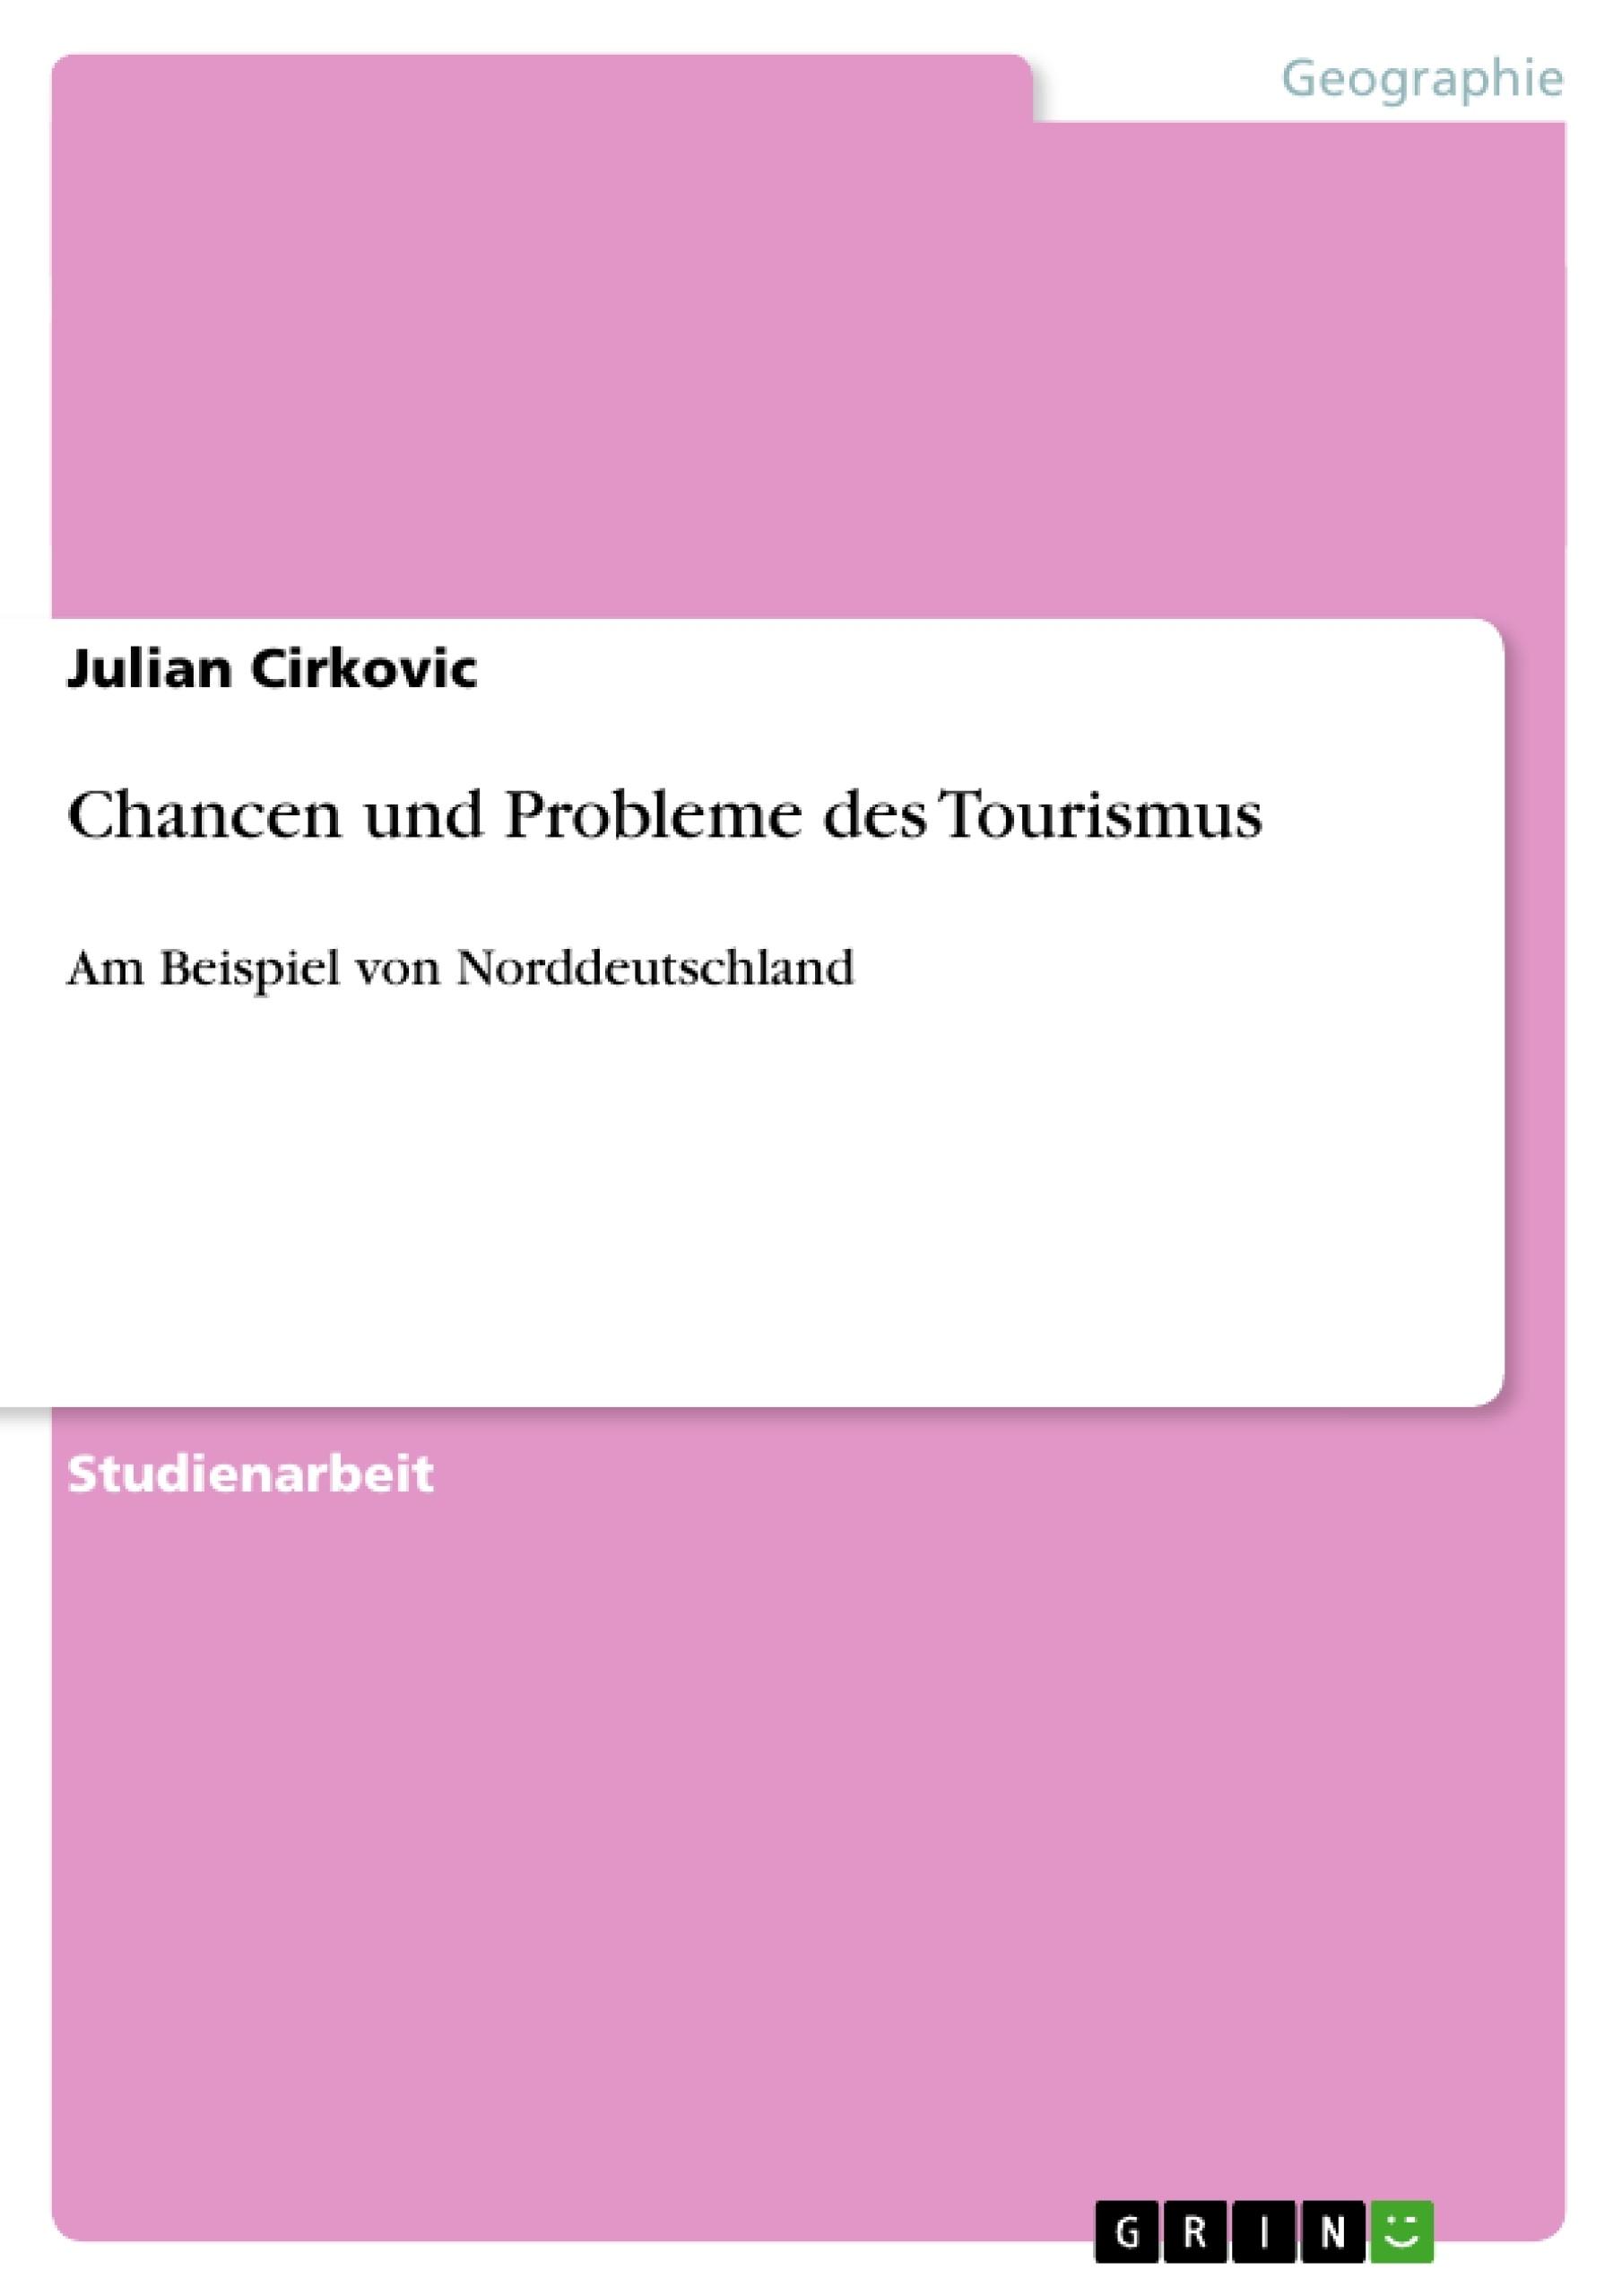 Titel: Chancen und Probleme des Tourismus